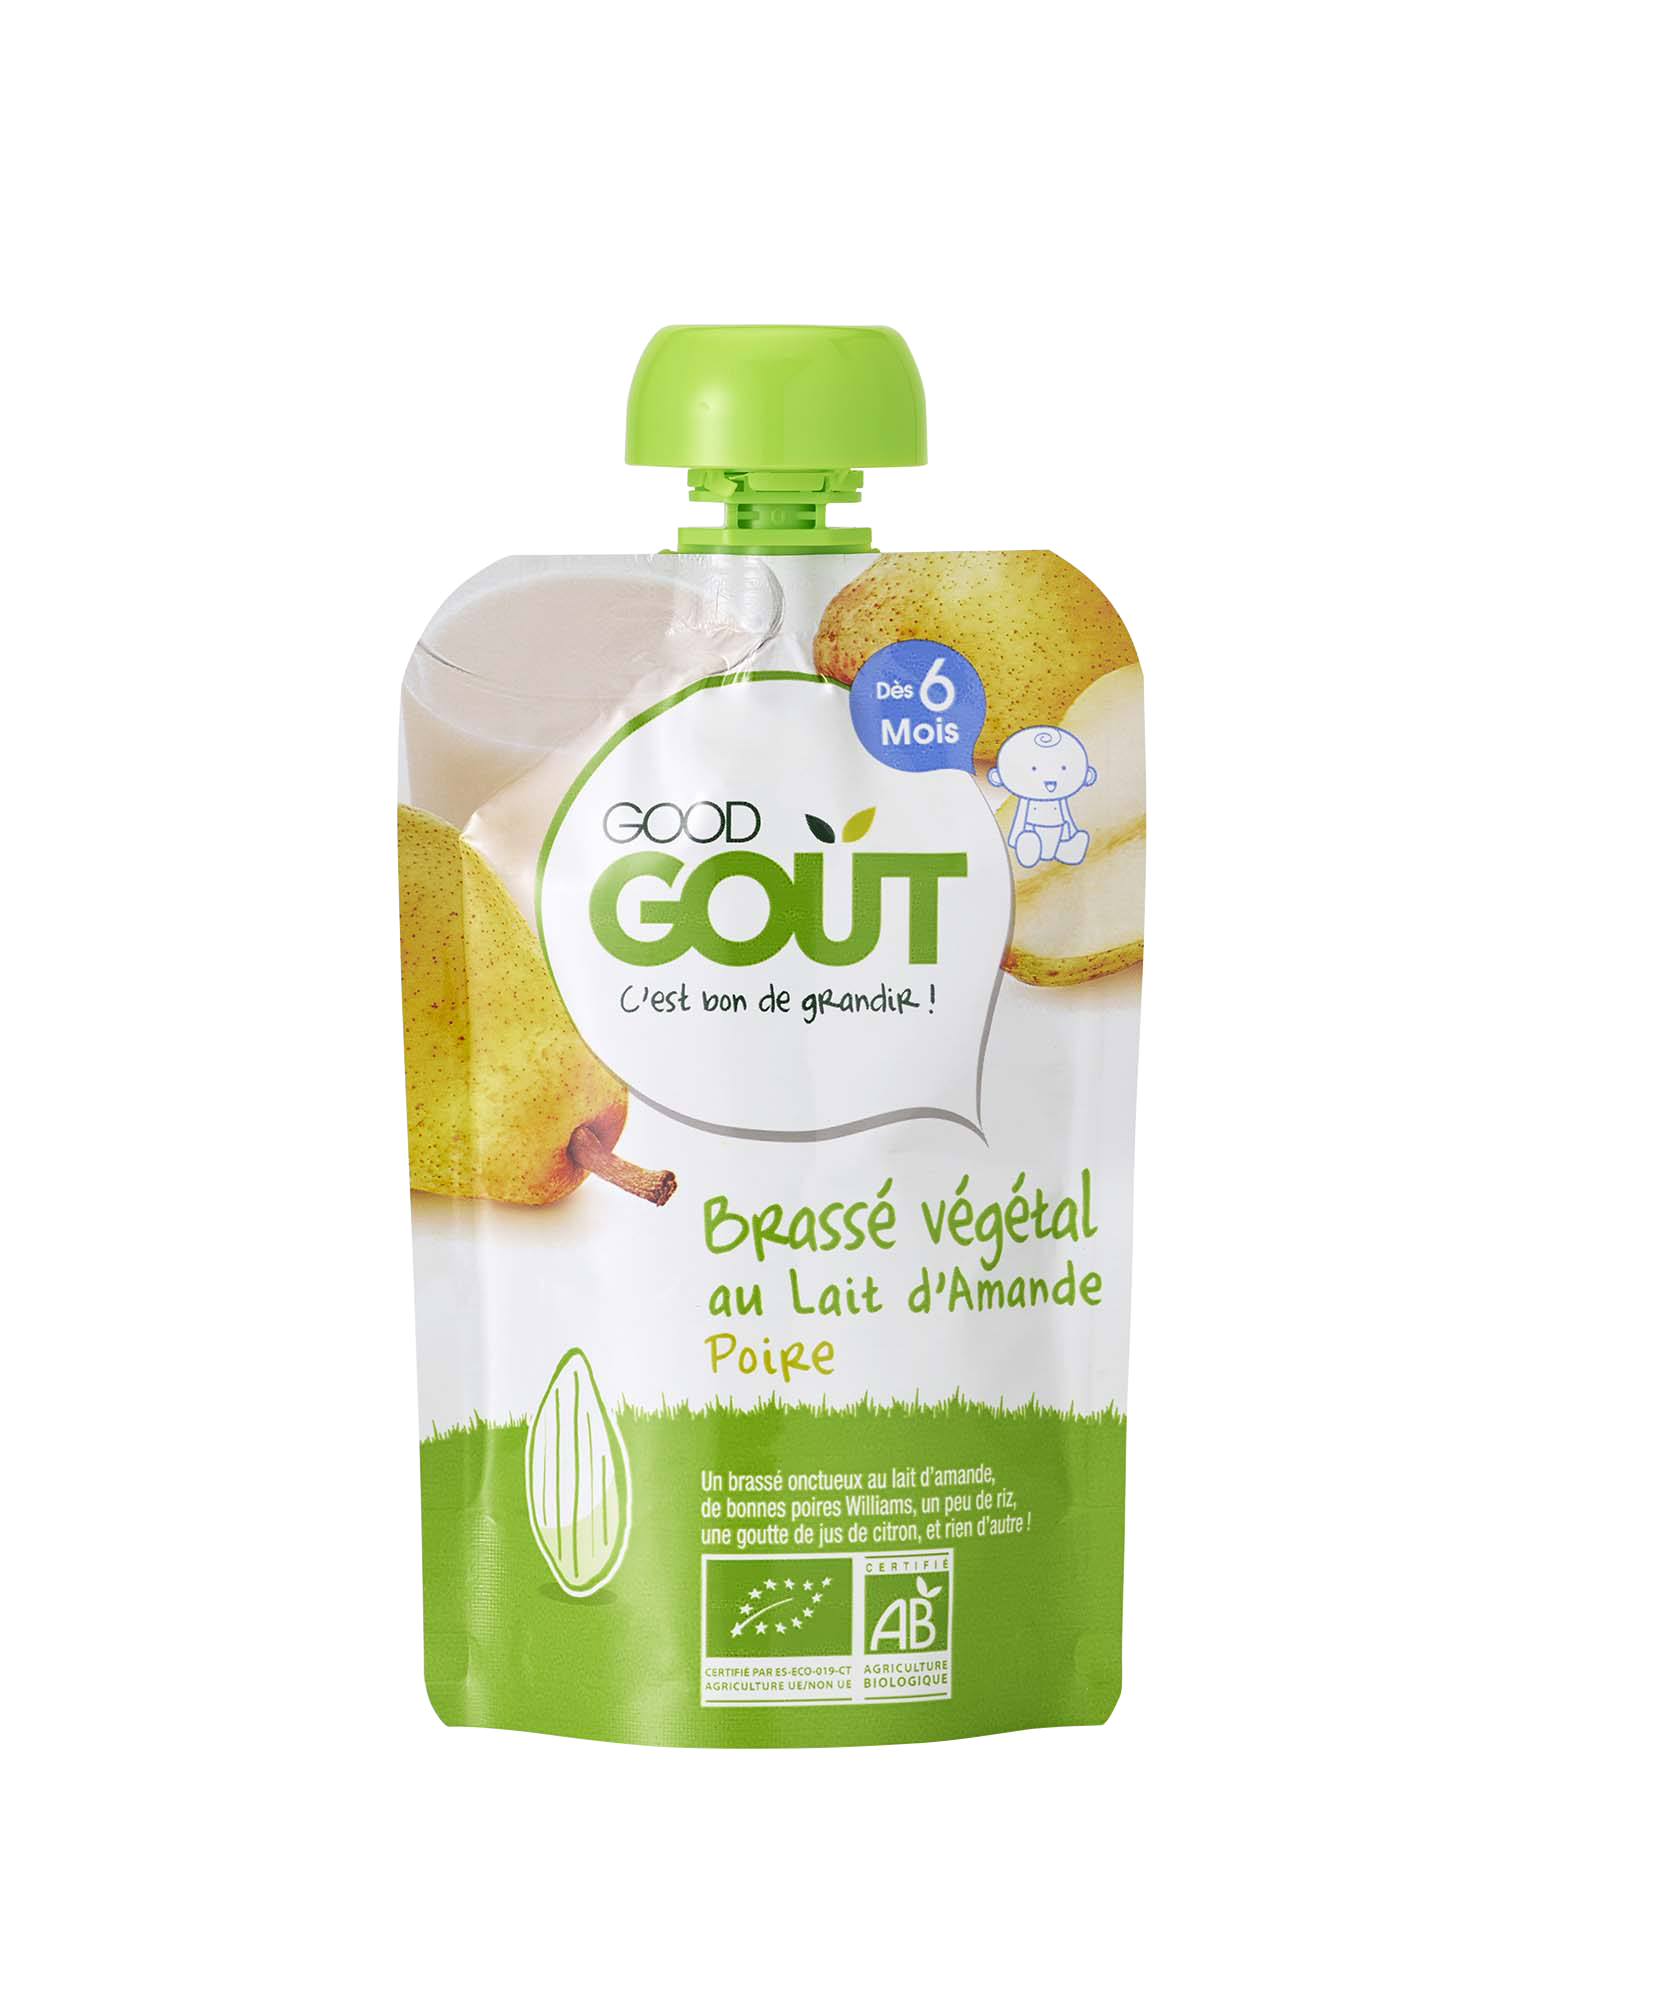 Le Brassé végétal au lait d'Amande Poire GOOD GOUT